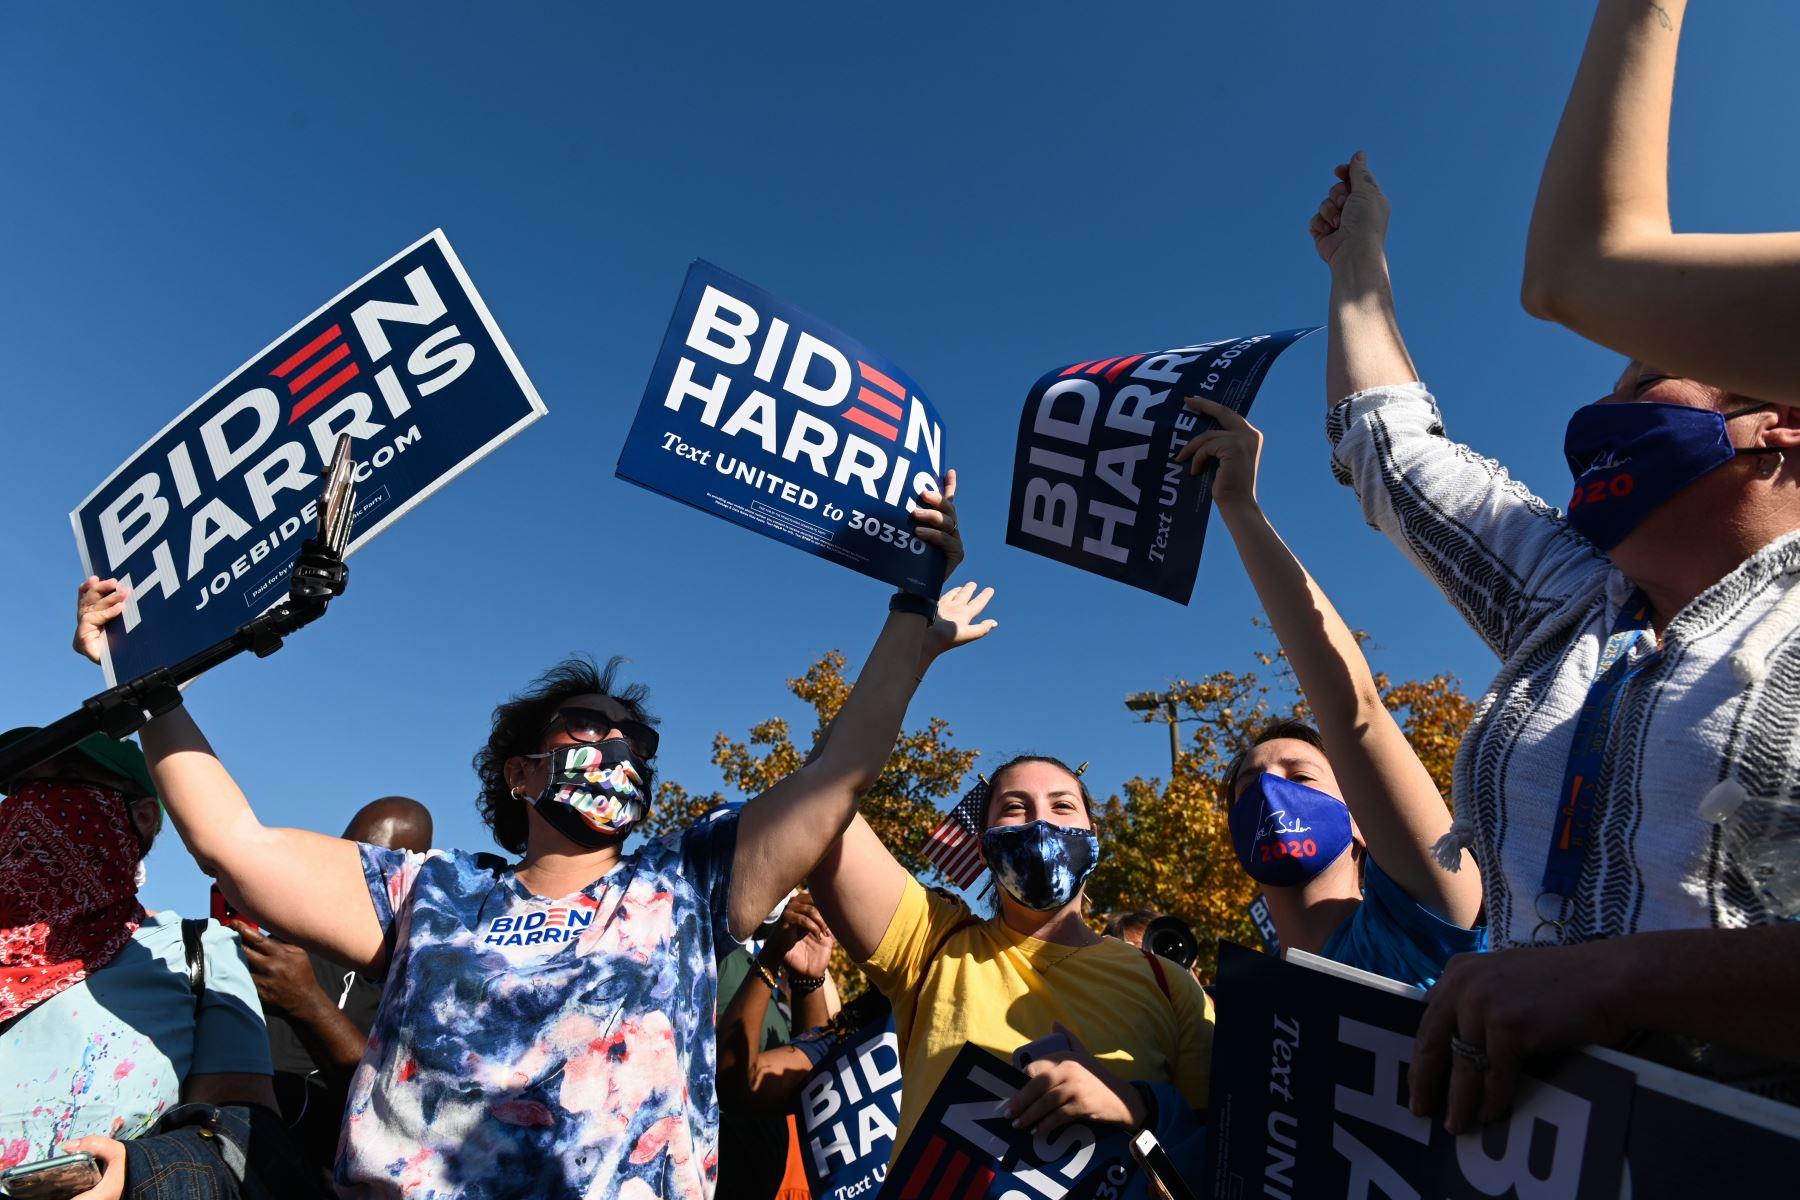 La gente celebra frente a la Casa Blanca en Washington, DC el 7 de noviembre de 2020, después de que Joe Biden fuera declarado ganador de las elecciones presidenciales de 2020. Foto: AFP